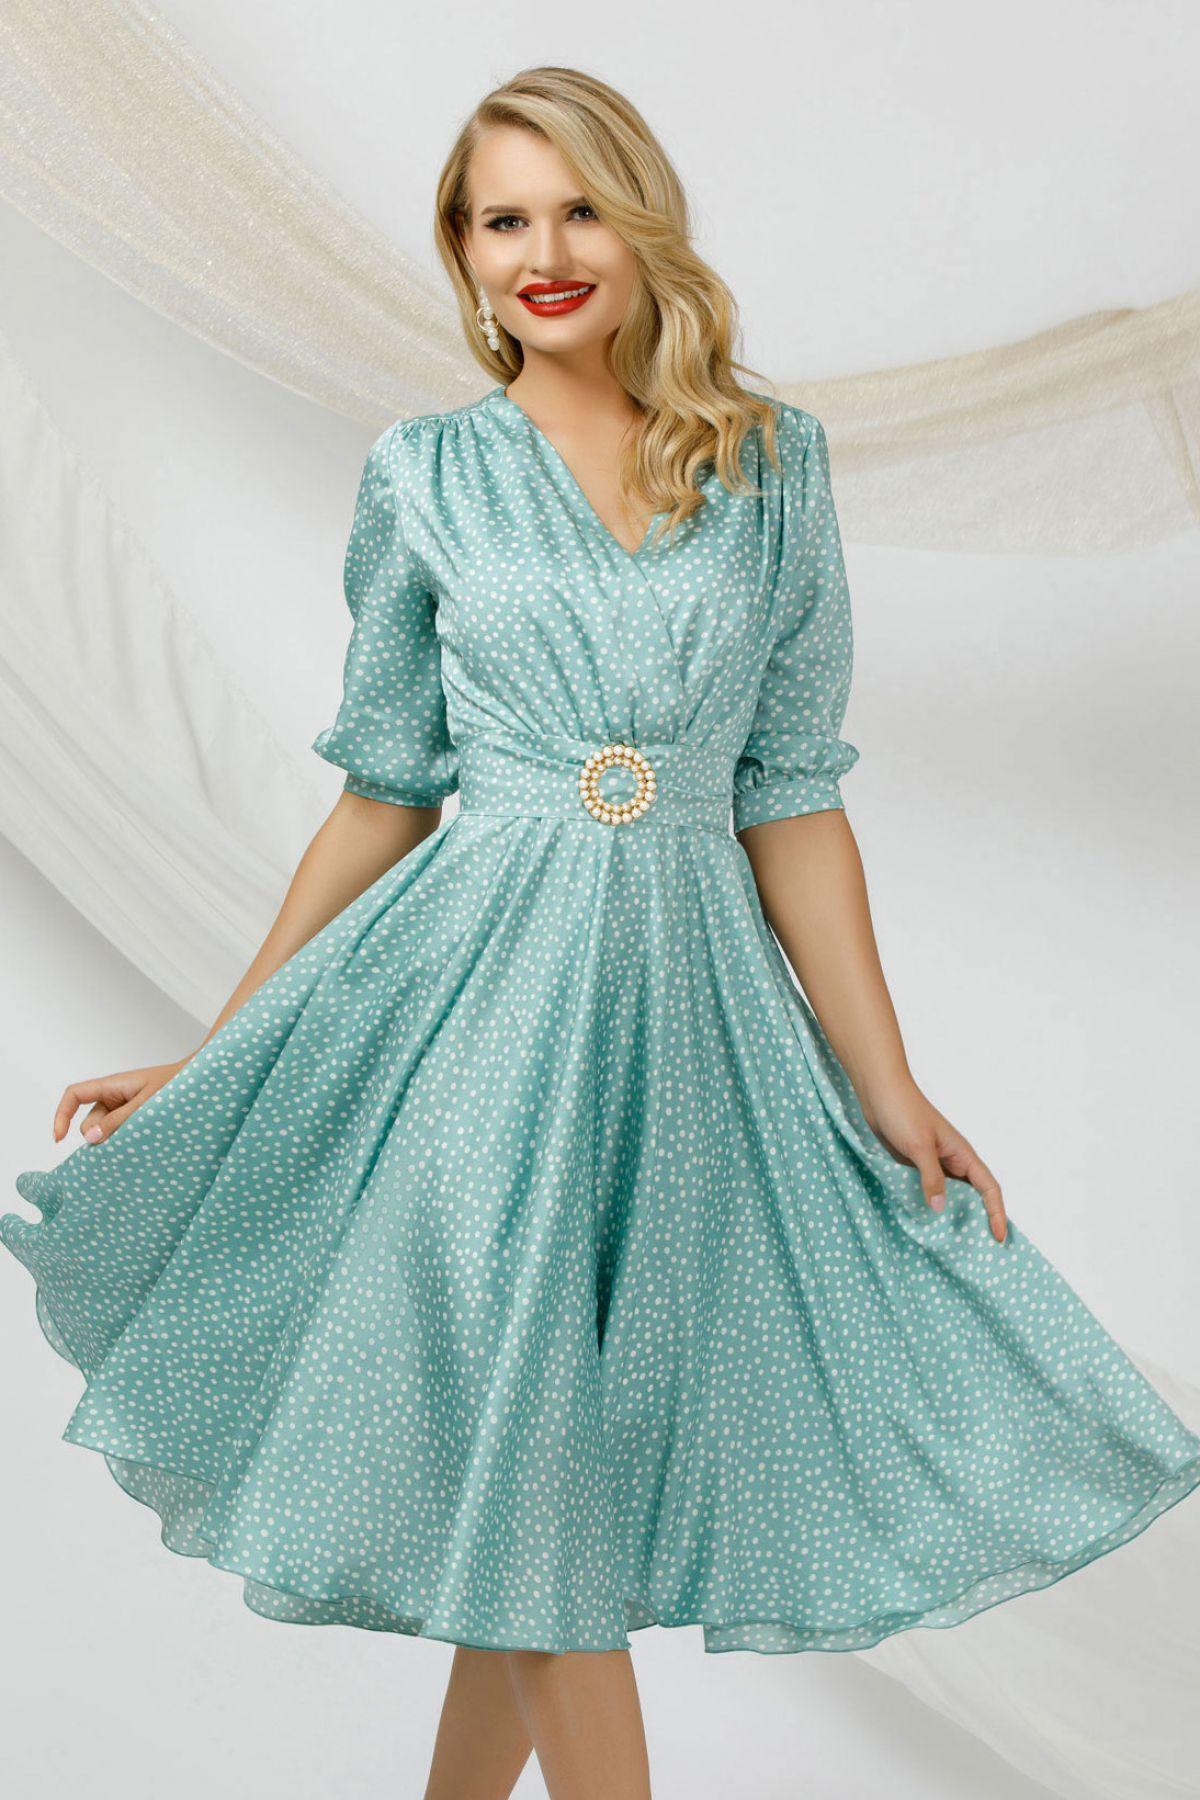 Rochie eleganta Pretty Girl mint cu buline marunte si catarama